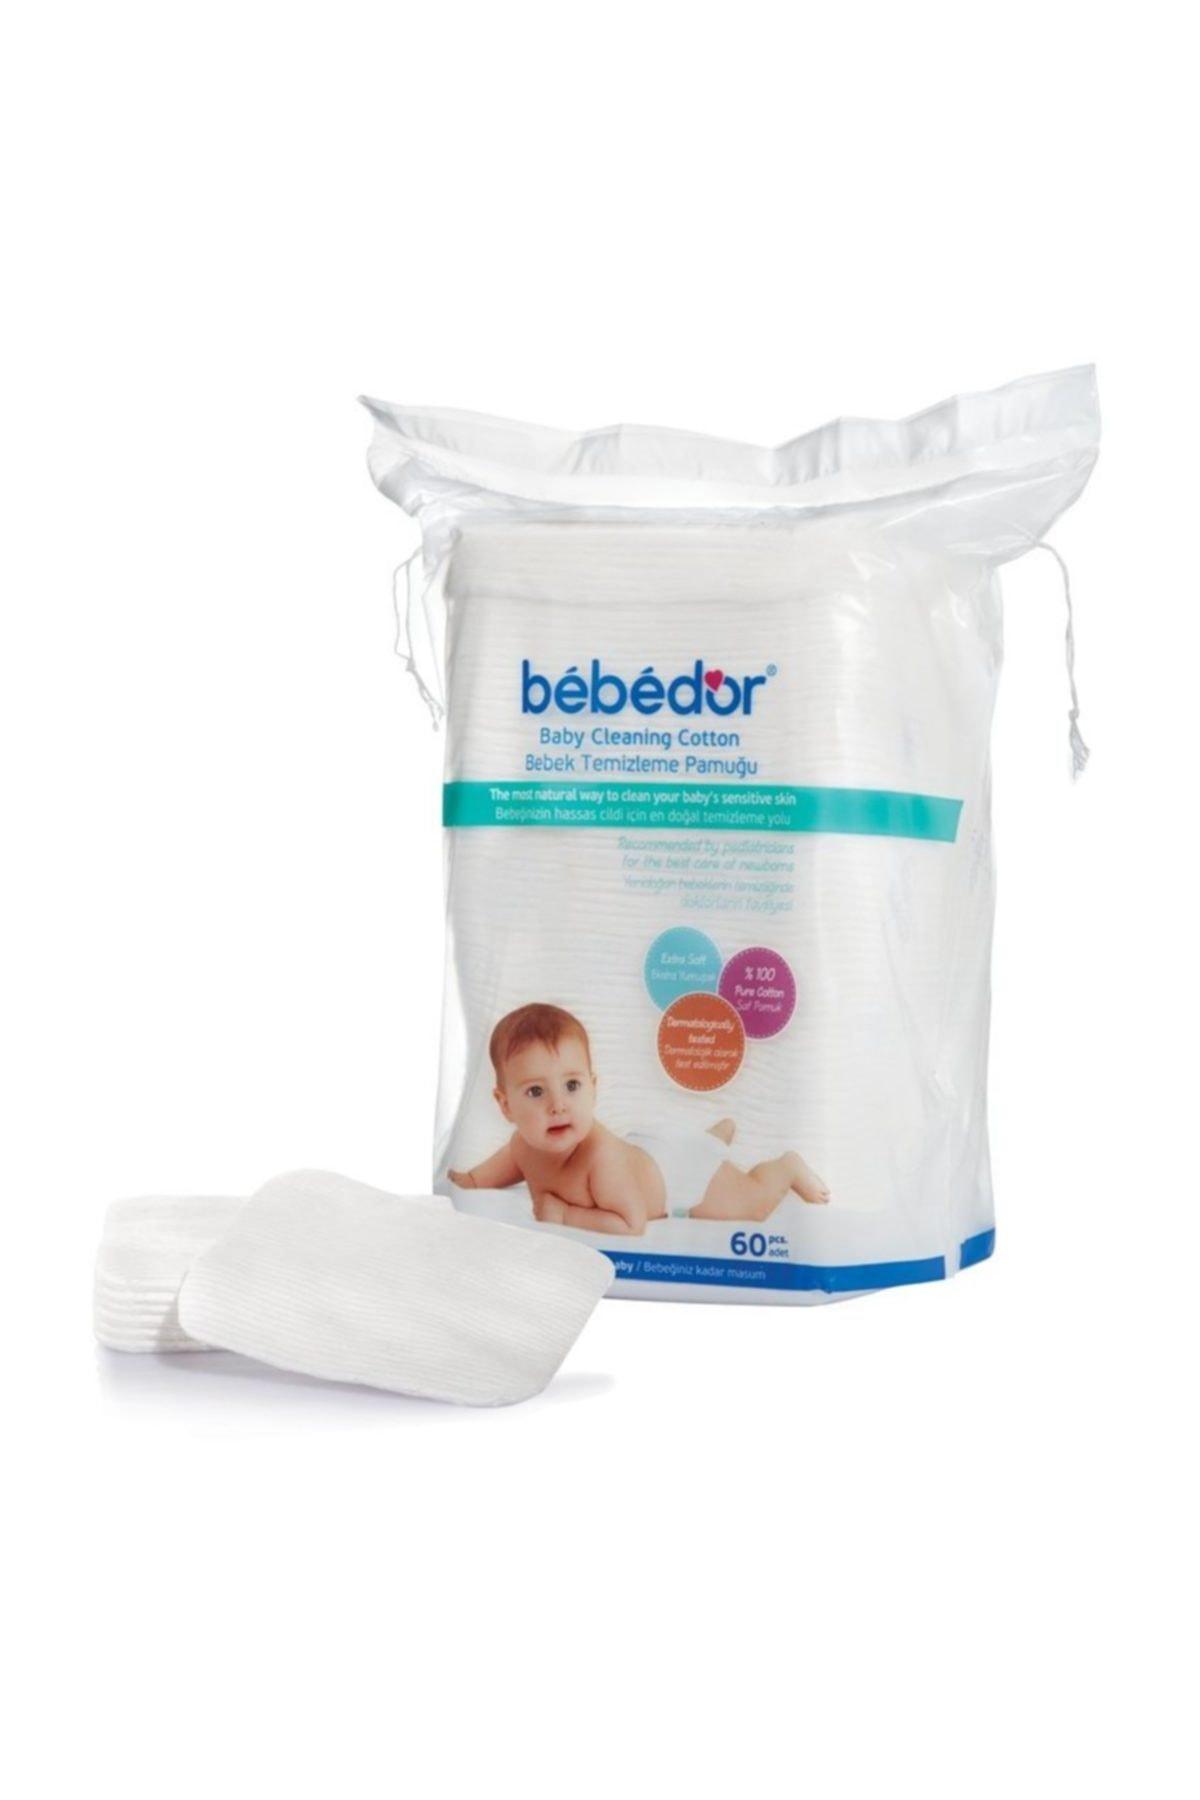 Bebedor Bebek Temizleme Pamuğu 630 1